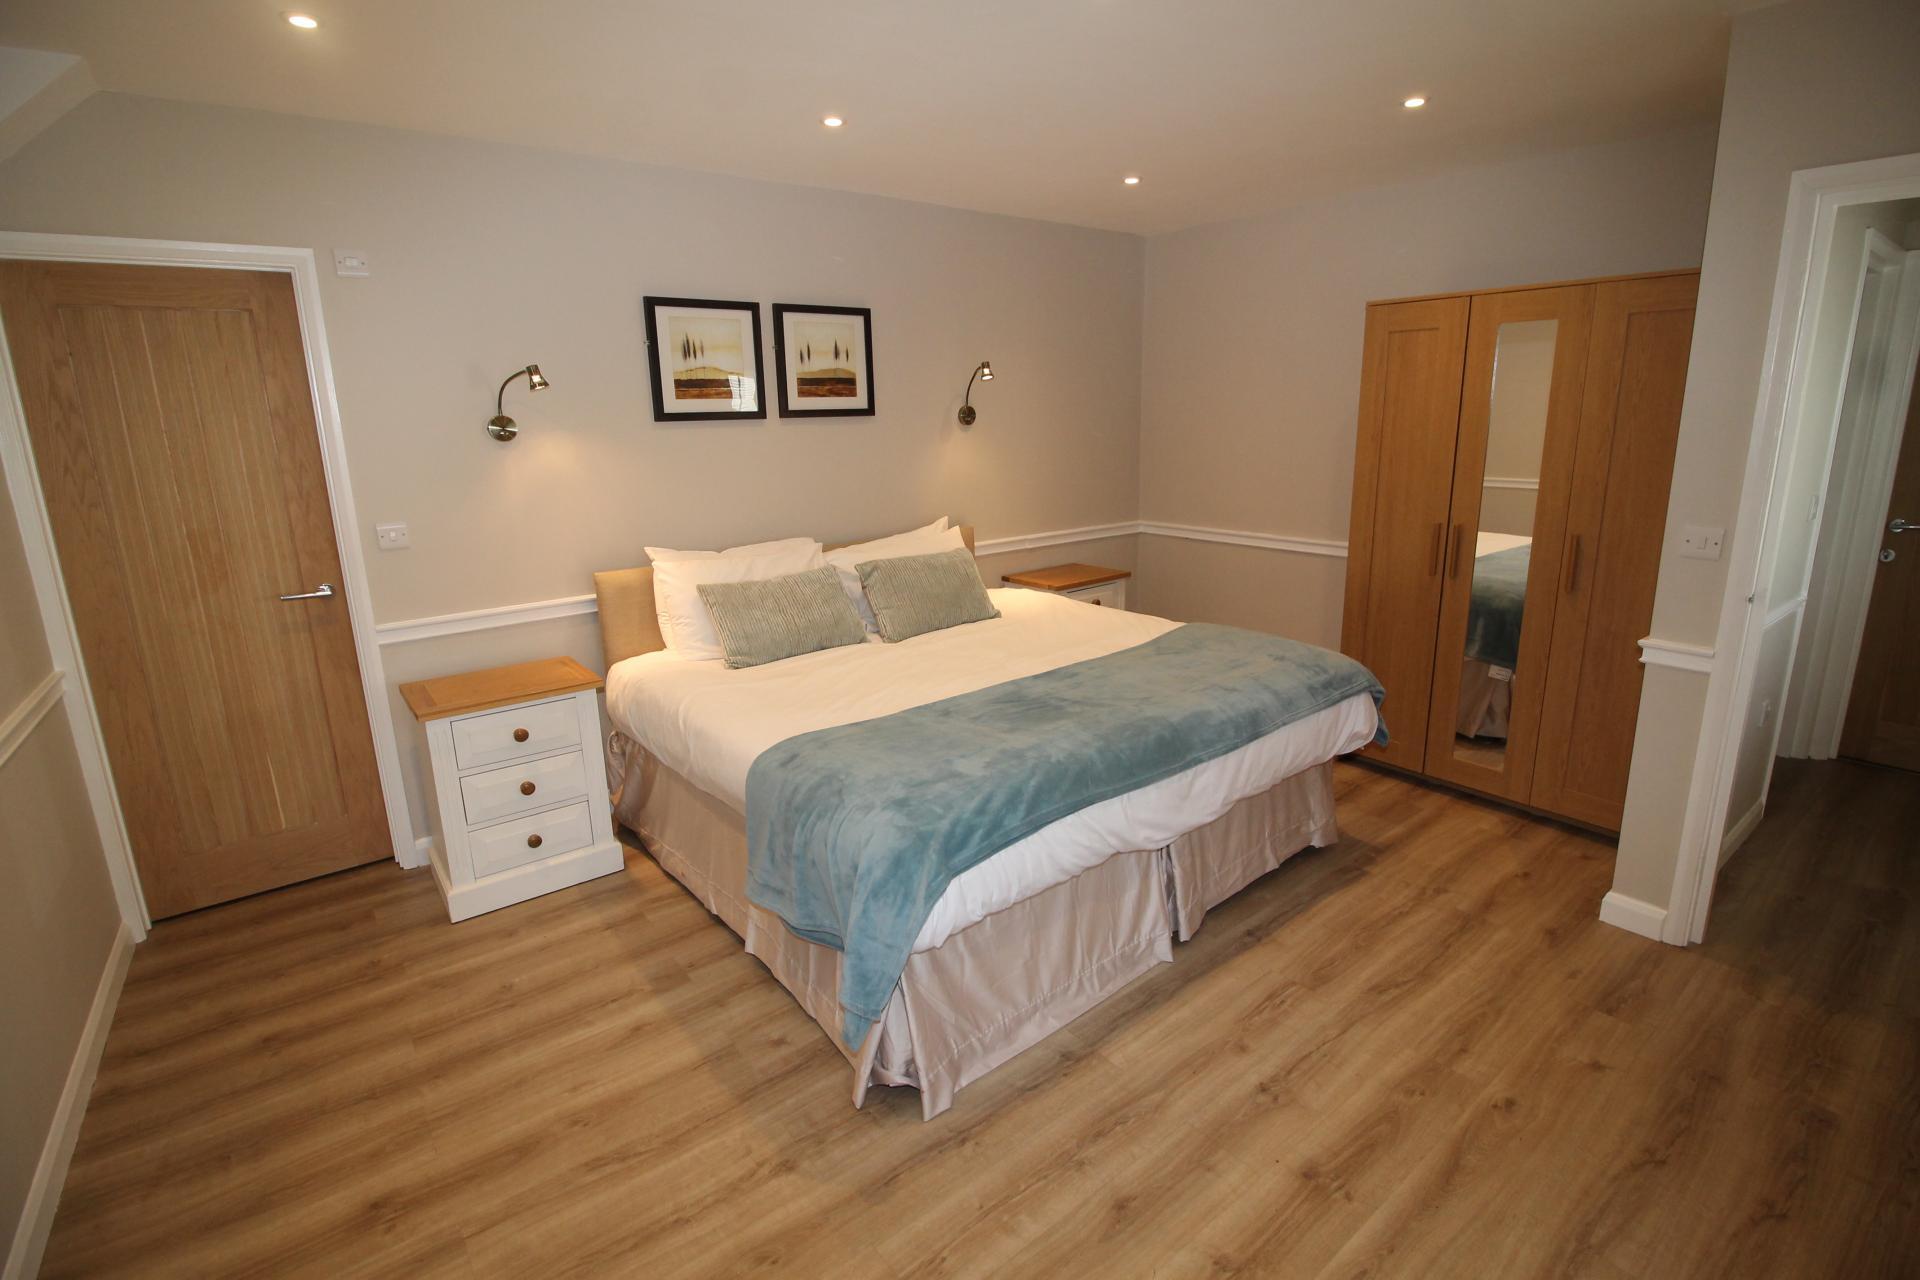 Spacious room at No 18 Apartments - Citybase Apartments